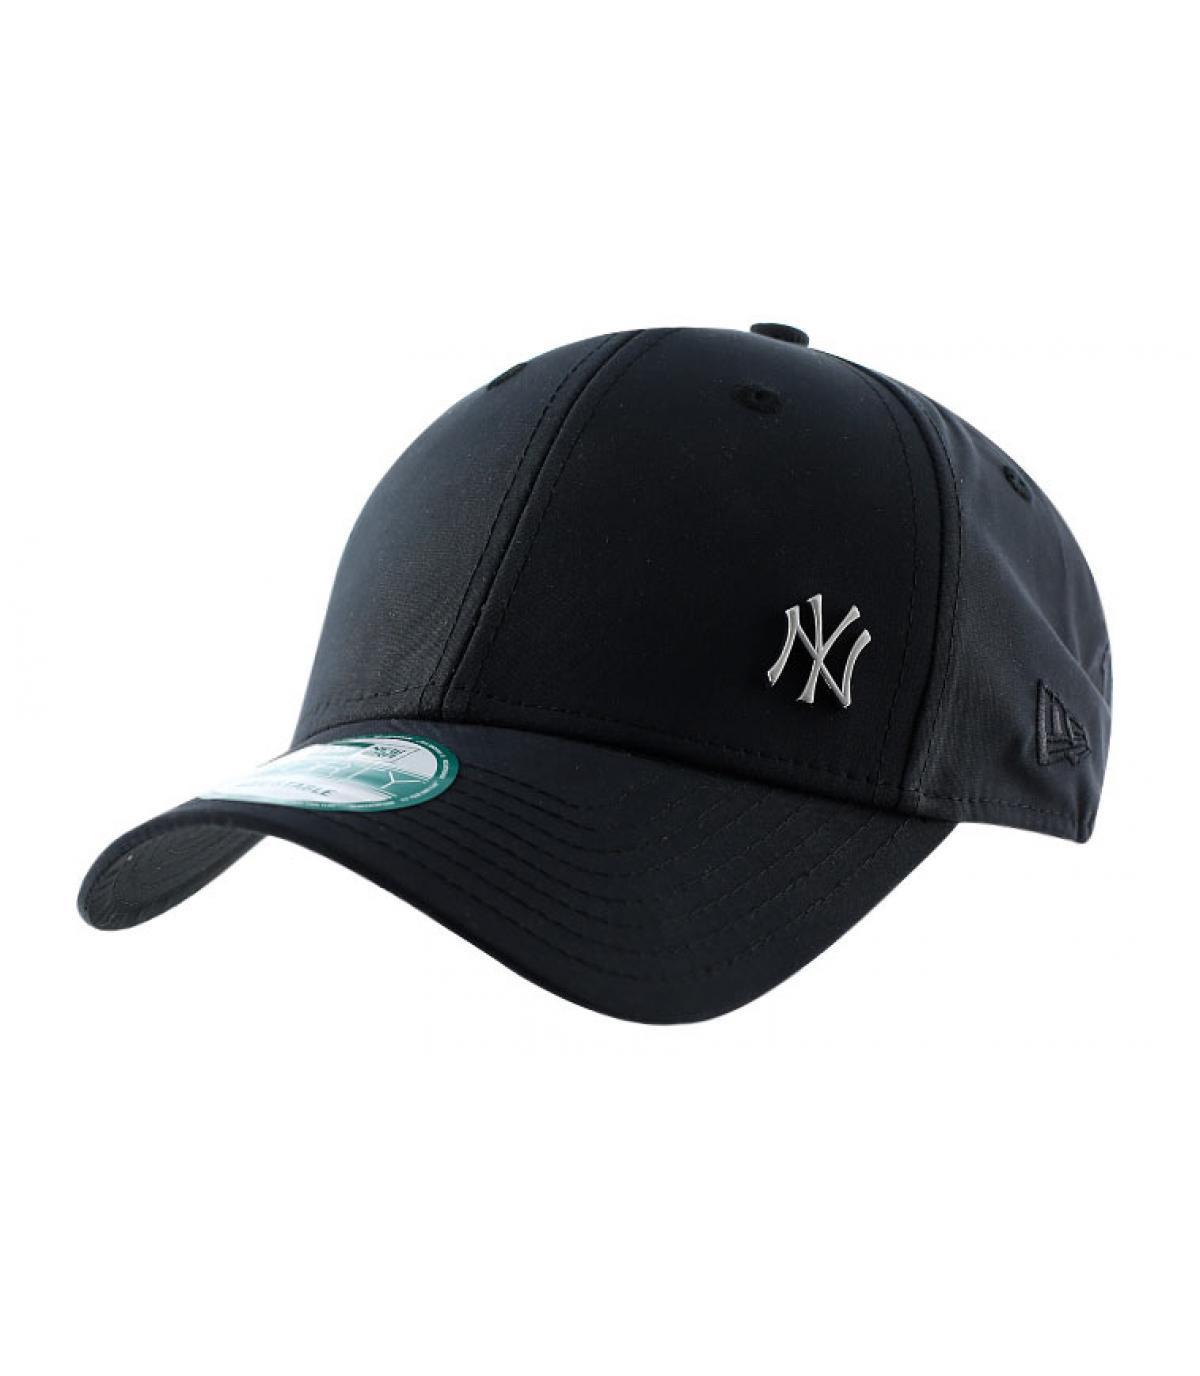 a49b160e0059 Casquette noire petit logo NY - Casquette NY flawless black par New ...